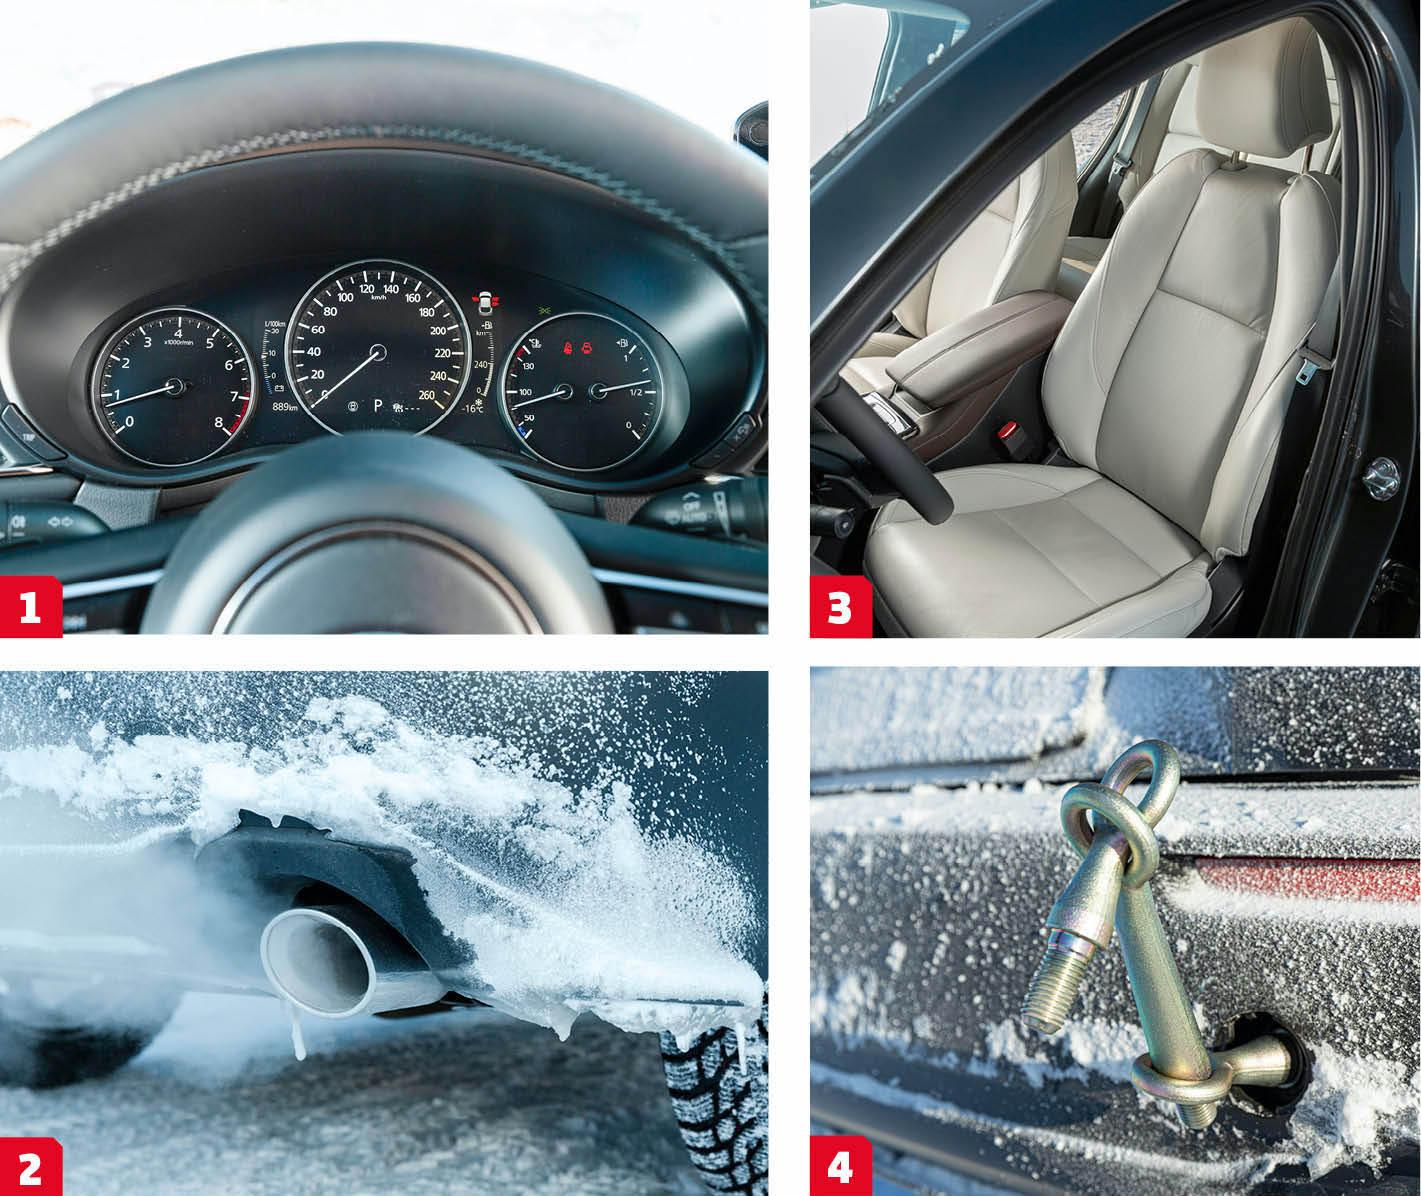 Mazda: 1. Digital hastighetsmätare flankeras av analoga mätare för varvtal, temperatur och bränslemängd. Likt Kia används inte displayen till att visa kartbild eller liknande, bara för att ändra utseende på mätaren. 2. Äkta vara. CX-30 skäms inte för sig, båda avgasrören har den funktion de utger sig för att ha.  3. Knappen för att sänka nackstödet sitter inklämd mellan nackstöd och stol, svårt att sänka nackstödet under körning. 4. Dubbla bogseröglor bak och en längre ögla fram. Ovanligt och praktiskt när bilen kör fast och behöver hjälpas loss.